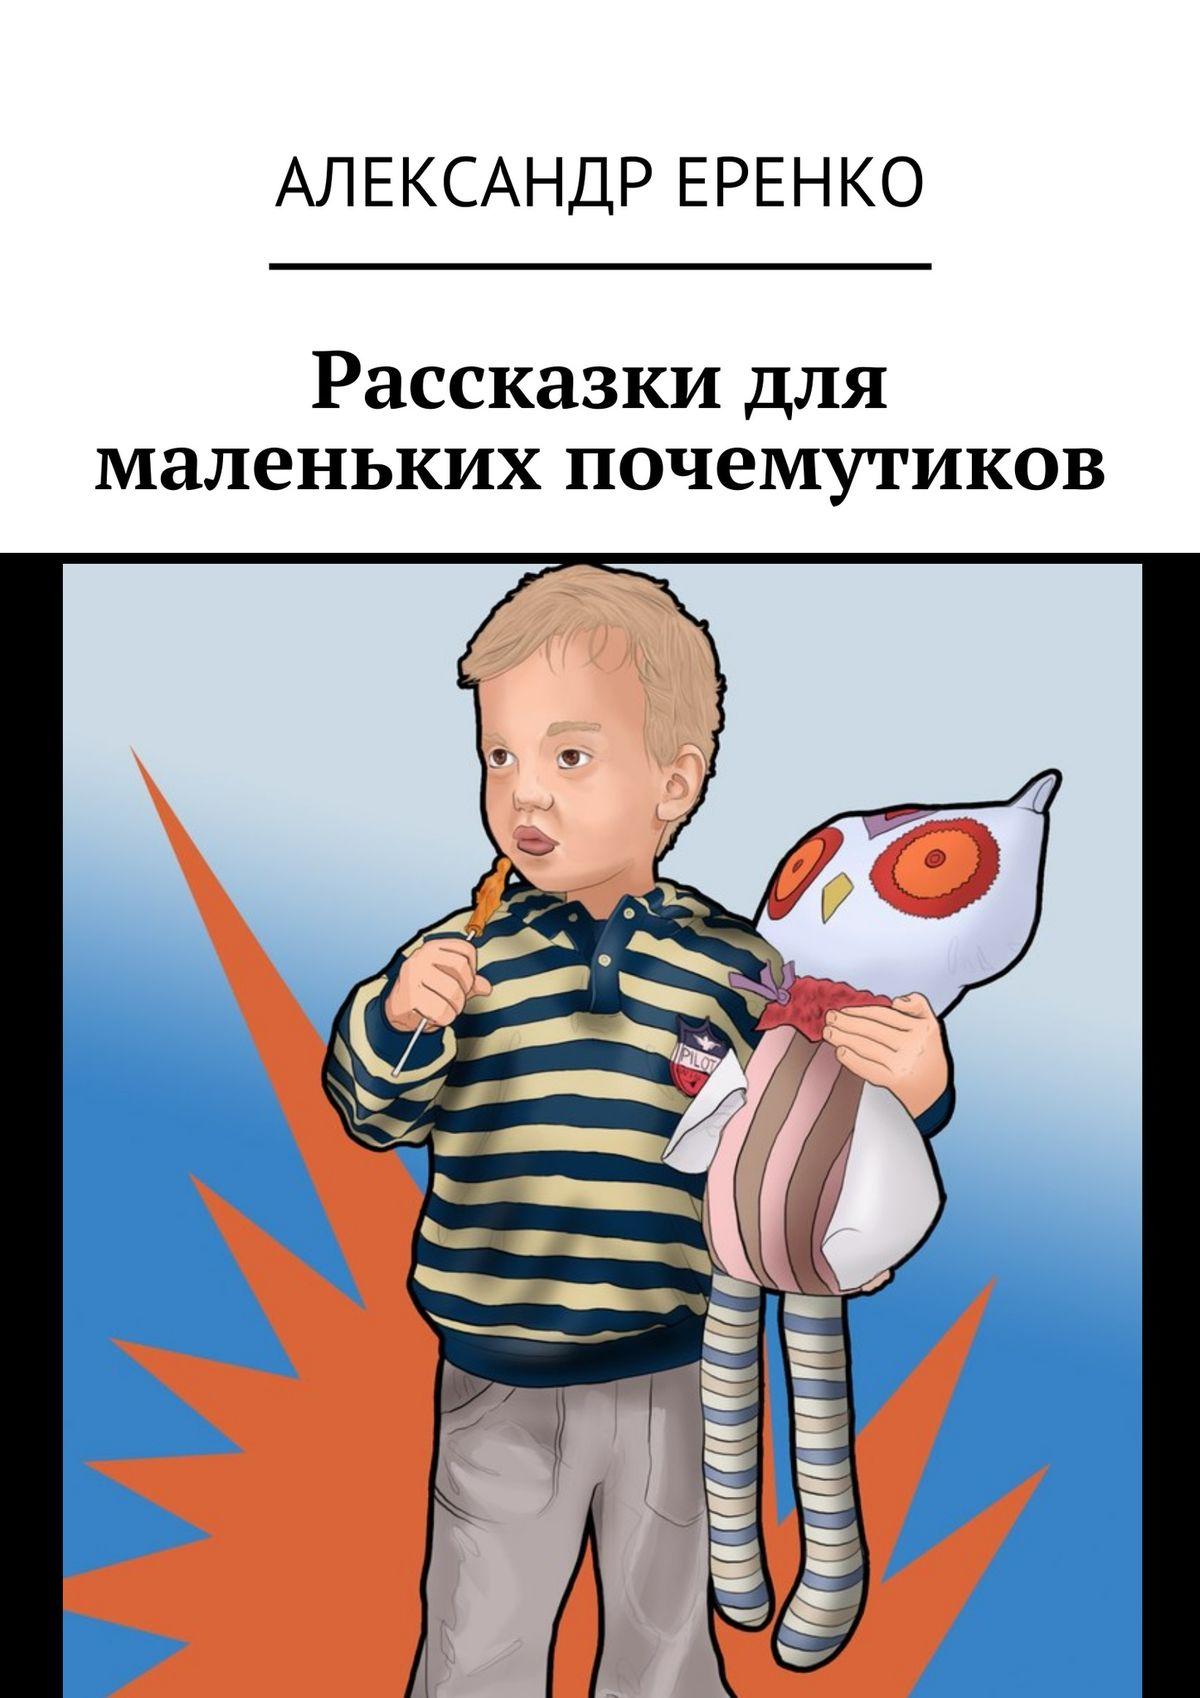 Александр Еренко Рассказки для маленьких почемутиков почему дует ветер